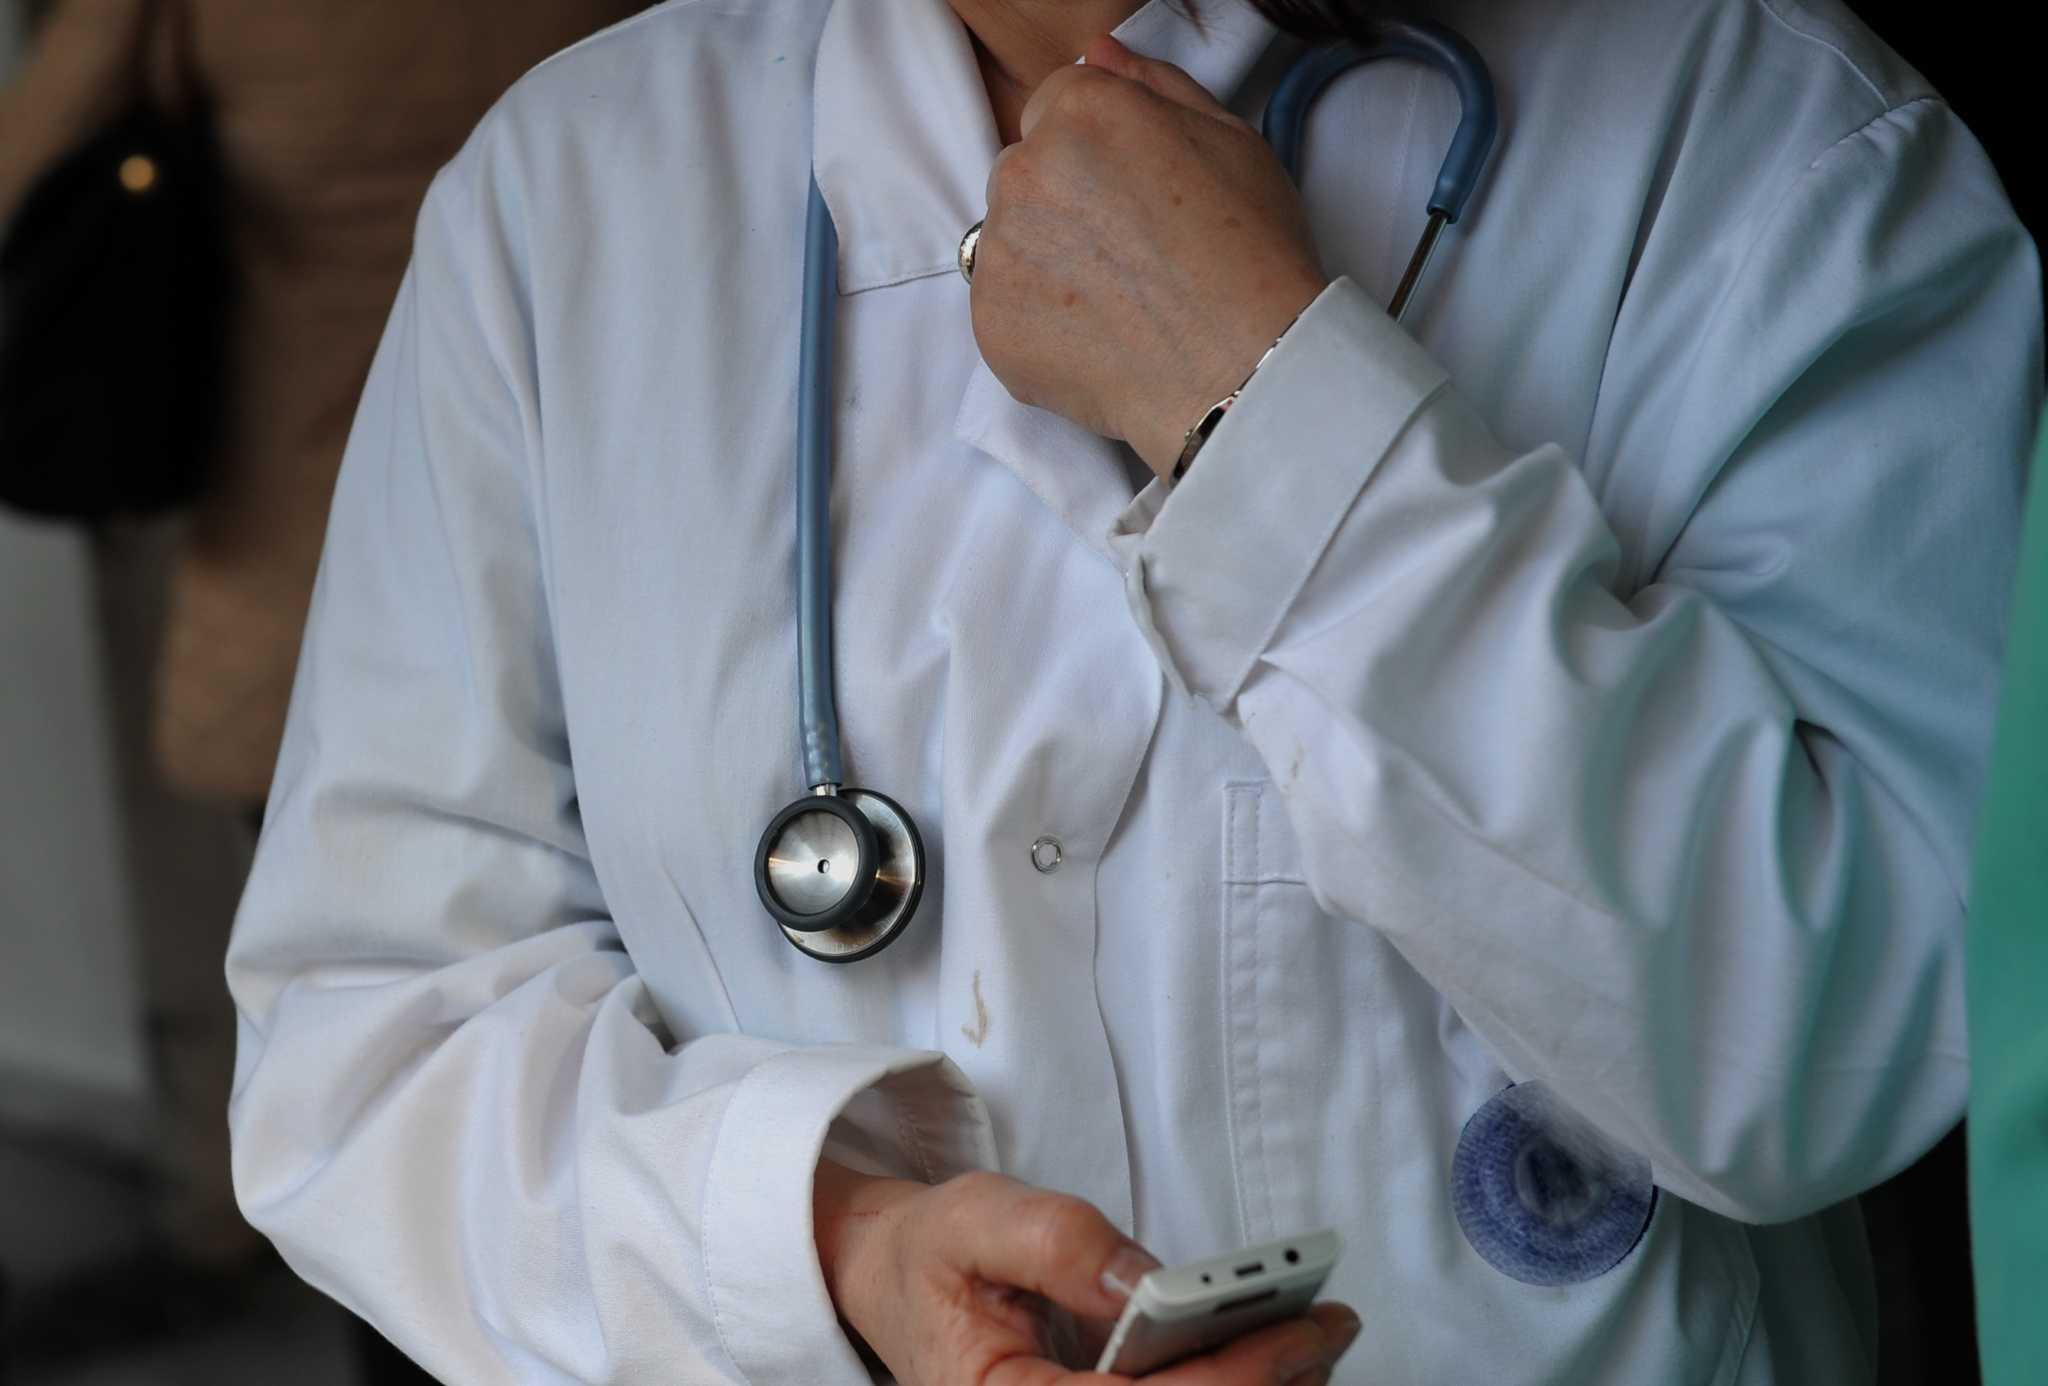 Πολύ πάνω από το διεθνή μέσο όρο η συμμόρφωση των Ελλήνων υπερτασικών στη φαρμακευτική αγωγή